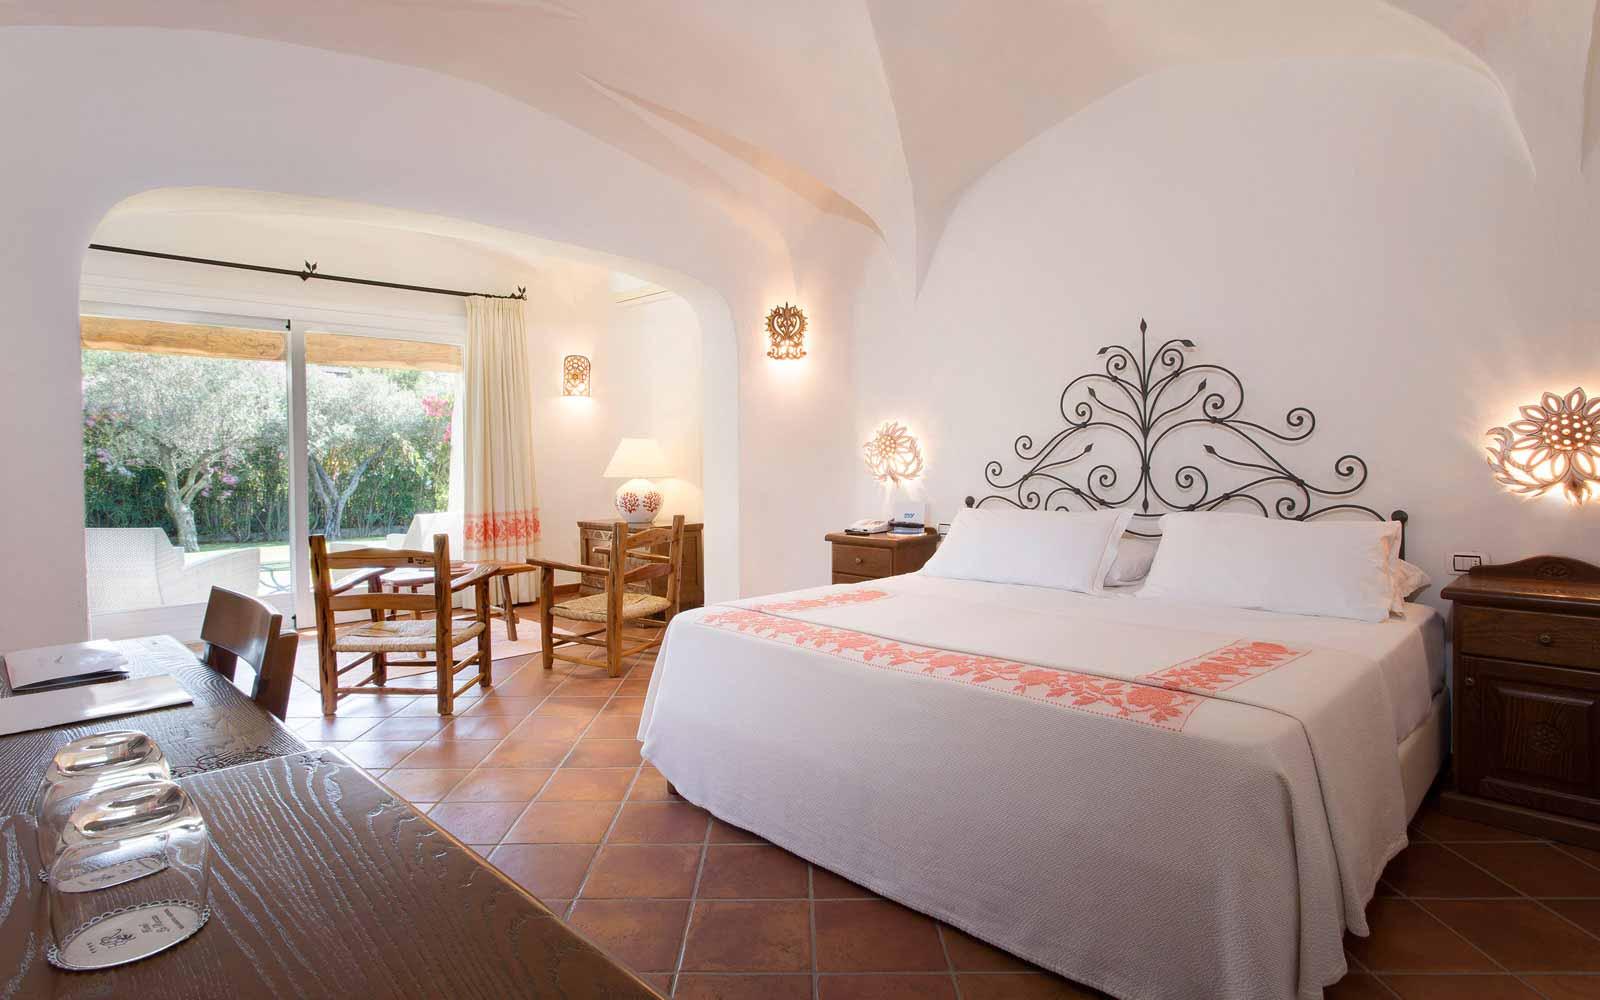 Bedroom at Hotel La Rocca Resort & Spa